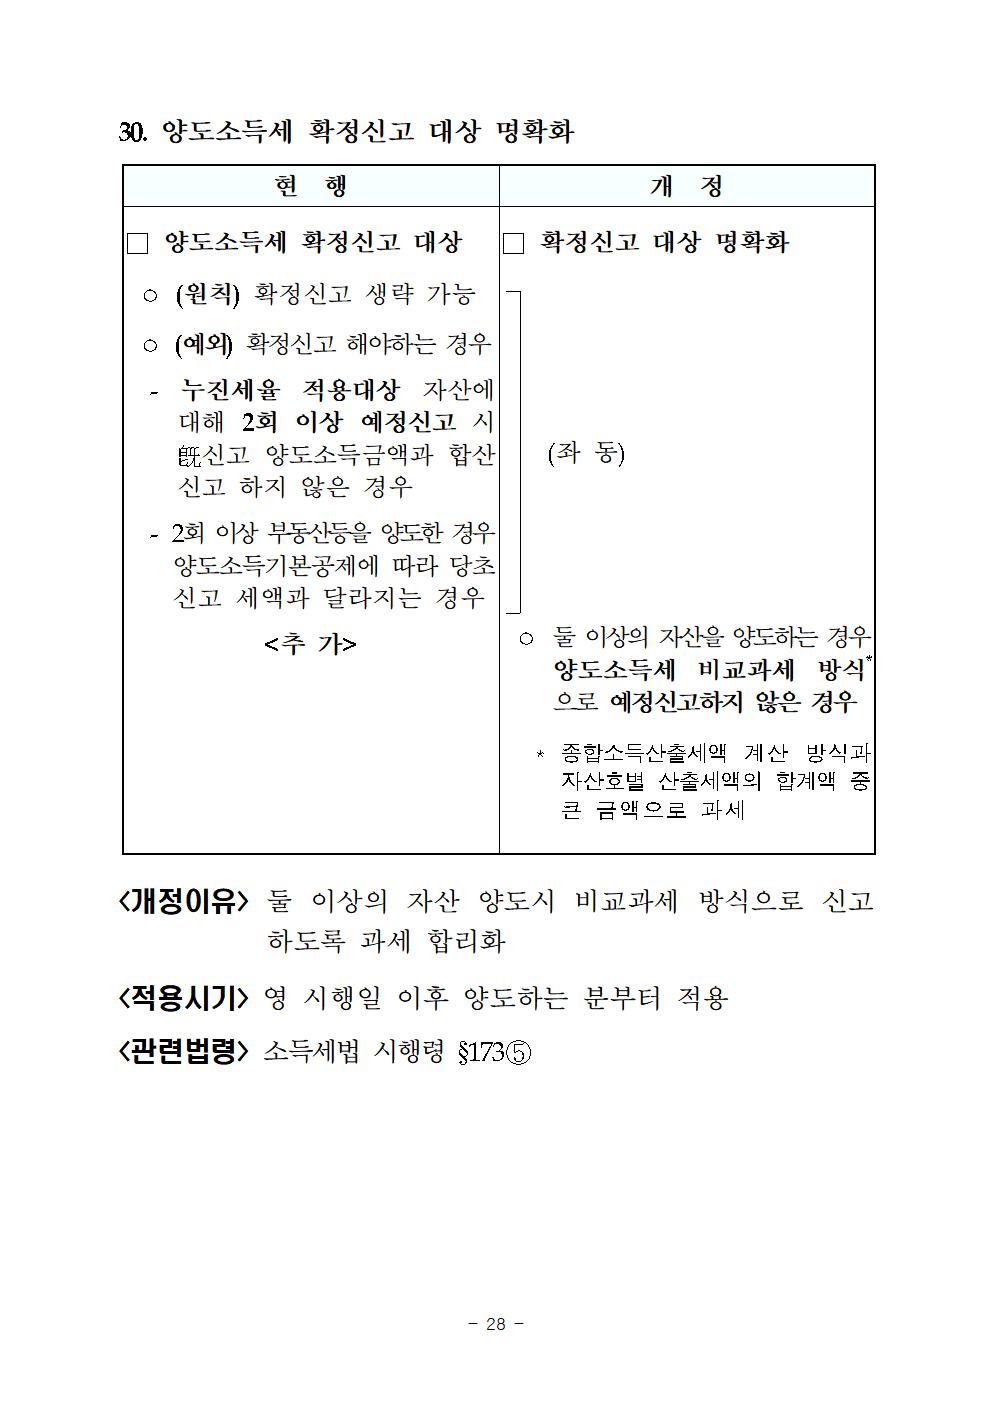 2019년세법개정내용(양도소득세분야)033.png